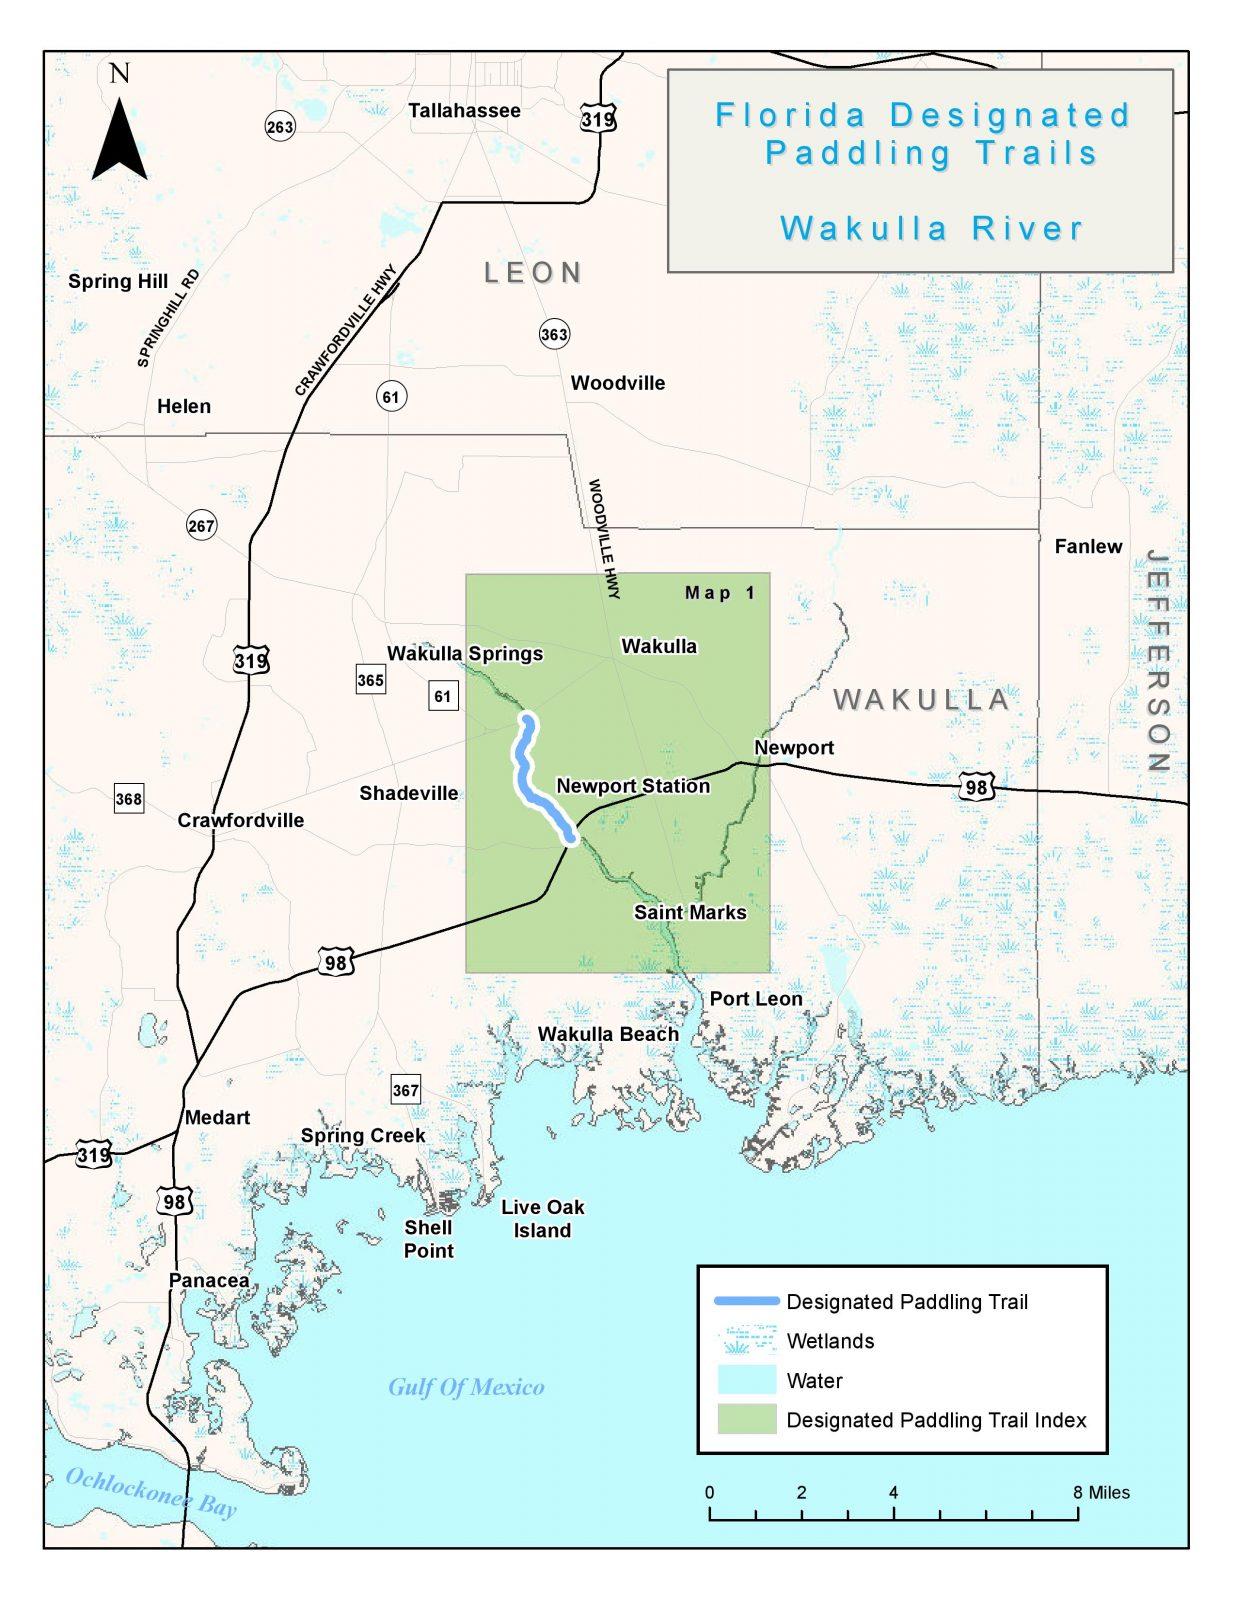 Wakulla river